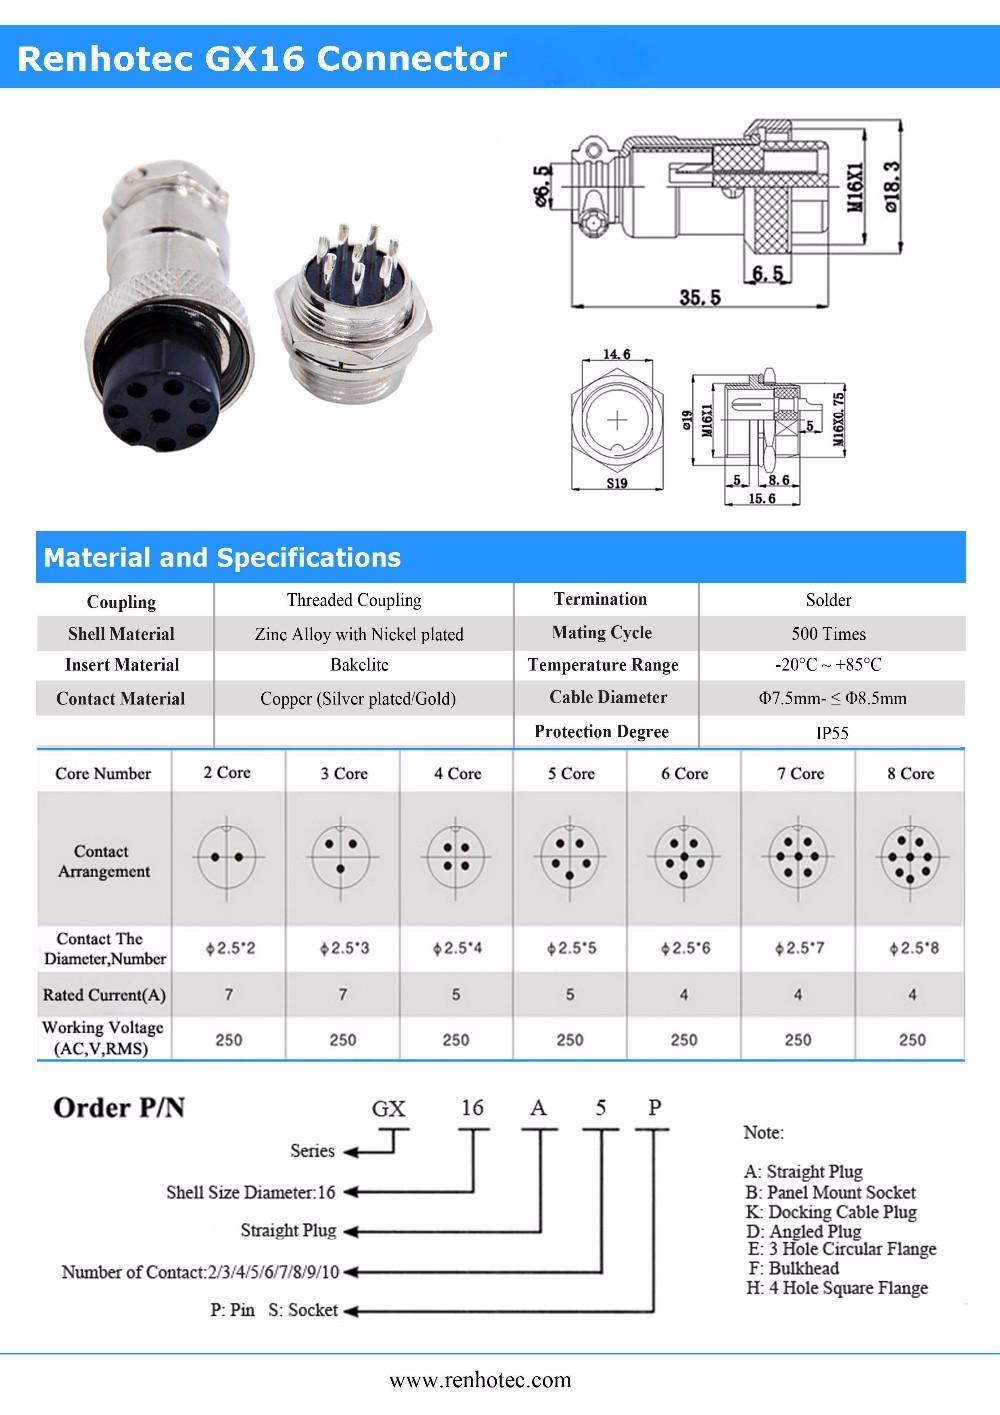 medium resolution of gx 24 4 pin adapter wiring diagram wiring diagram gx 24 4 pin adapter wiring diagram